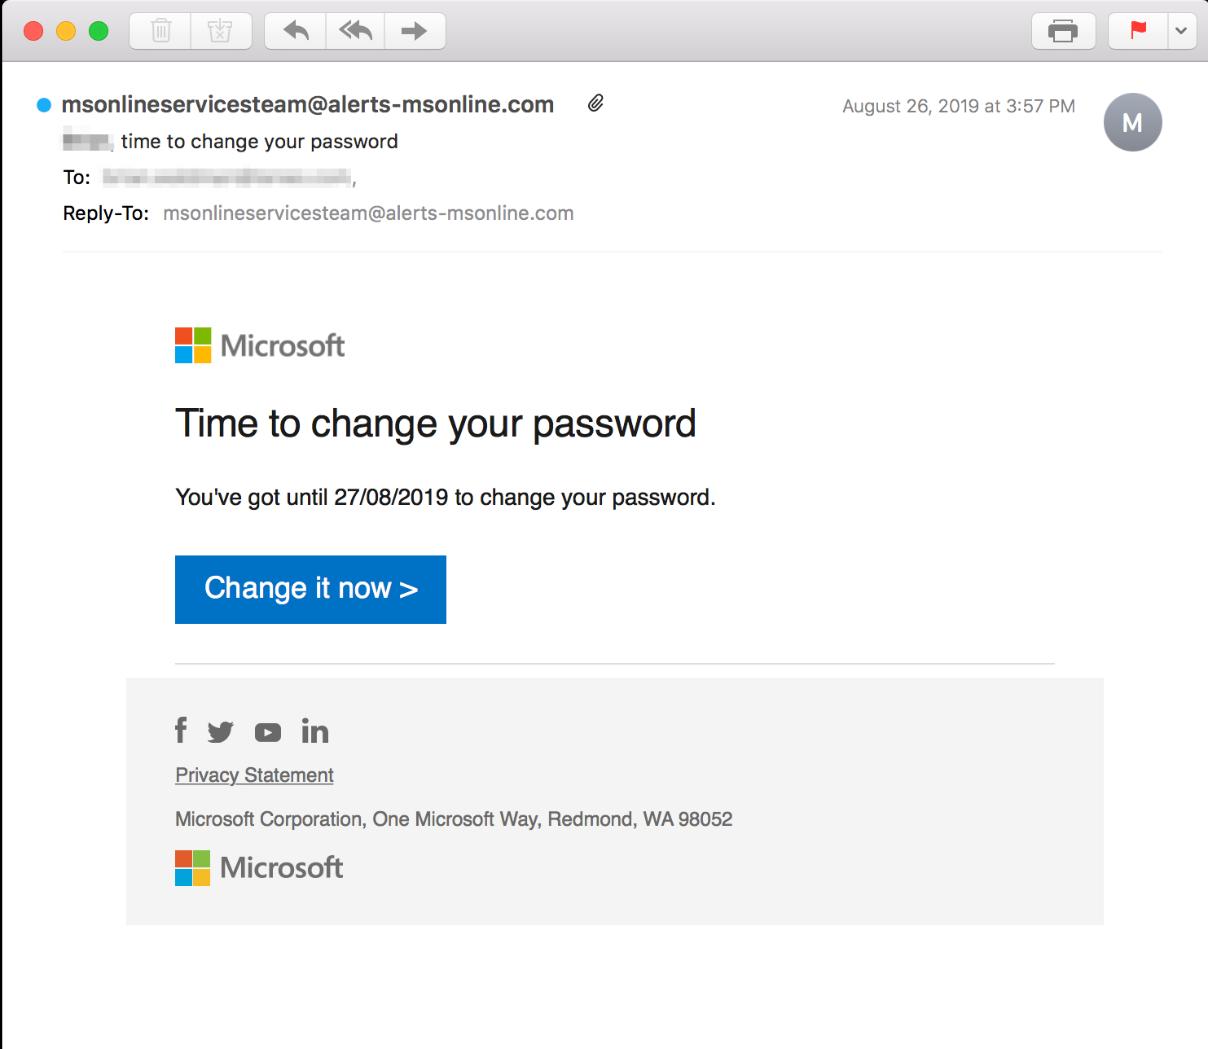 MicrosoftPhishingEmail